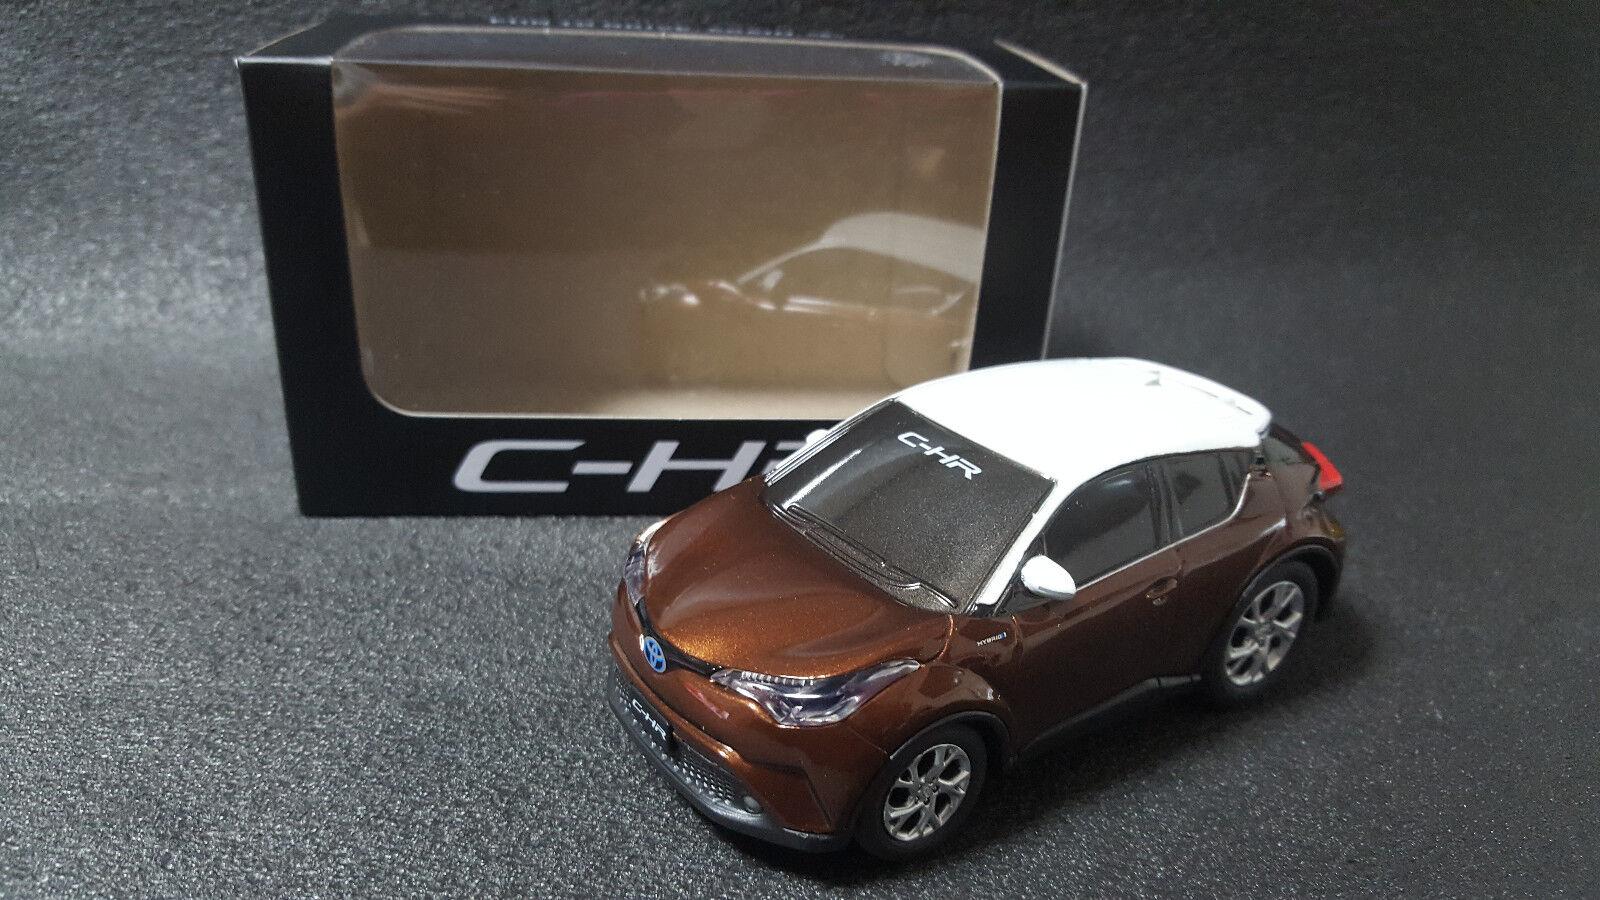 Toyota CH-R CH-R CH-R Marrón blancoo Tire hacia atrás Mini Coche chr Japón no se venden en Japón 270645